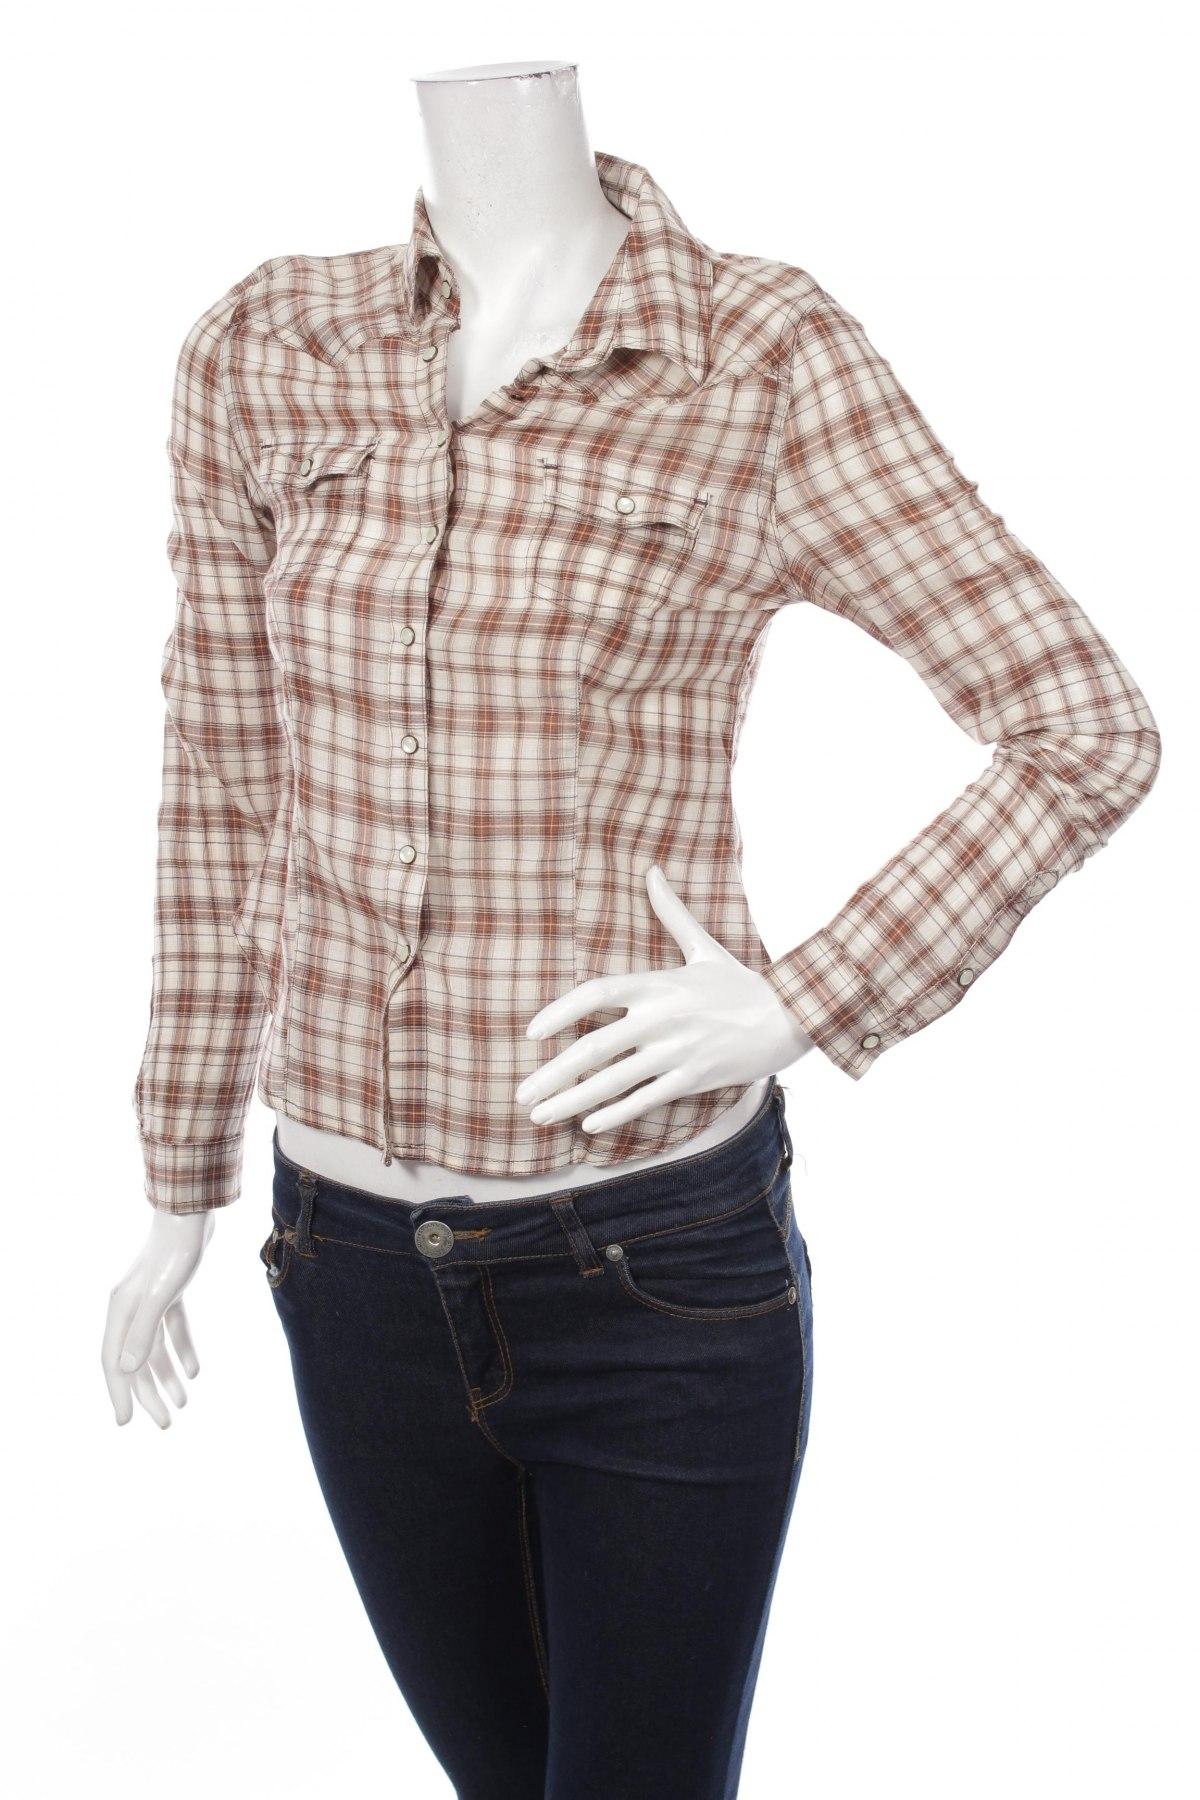 Γυναικείο πουκάμισο H&M, Μέγεθος XS, Χρώμα  Μπέζ, Βαμβάκι, Τιμή 14,95€